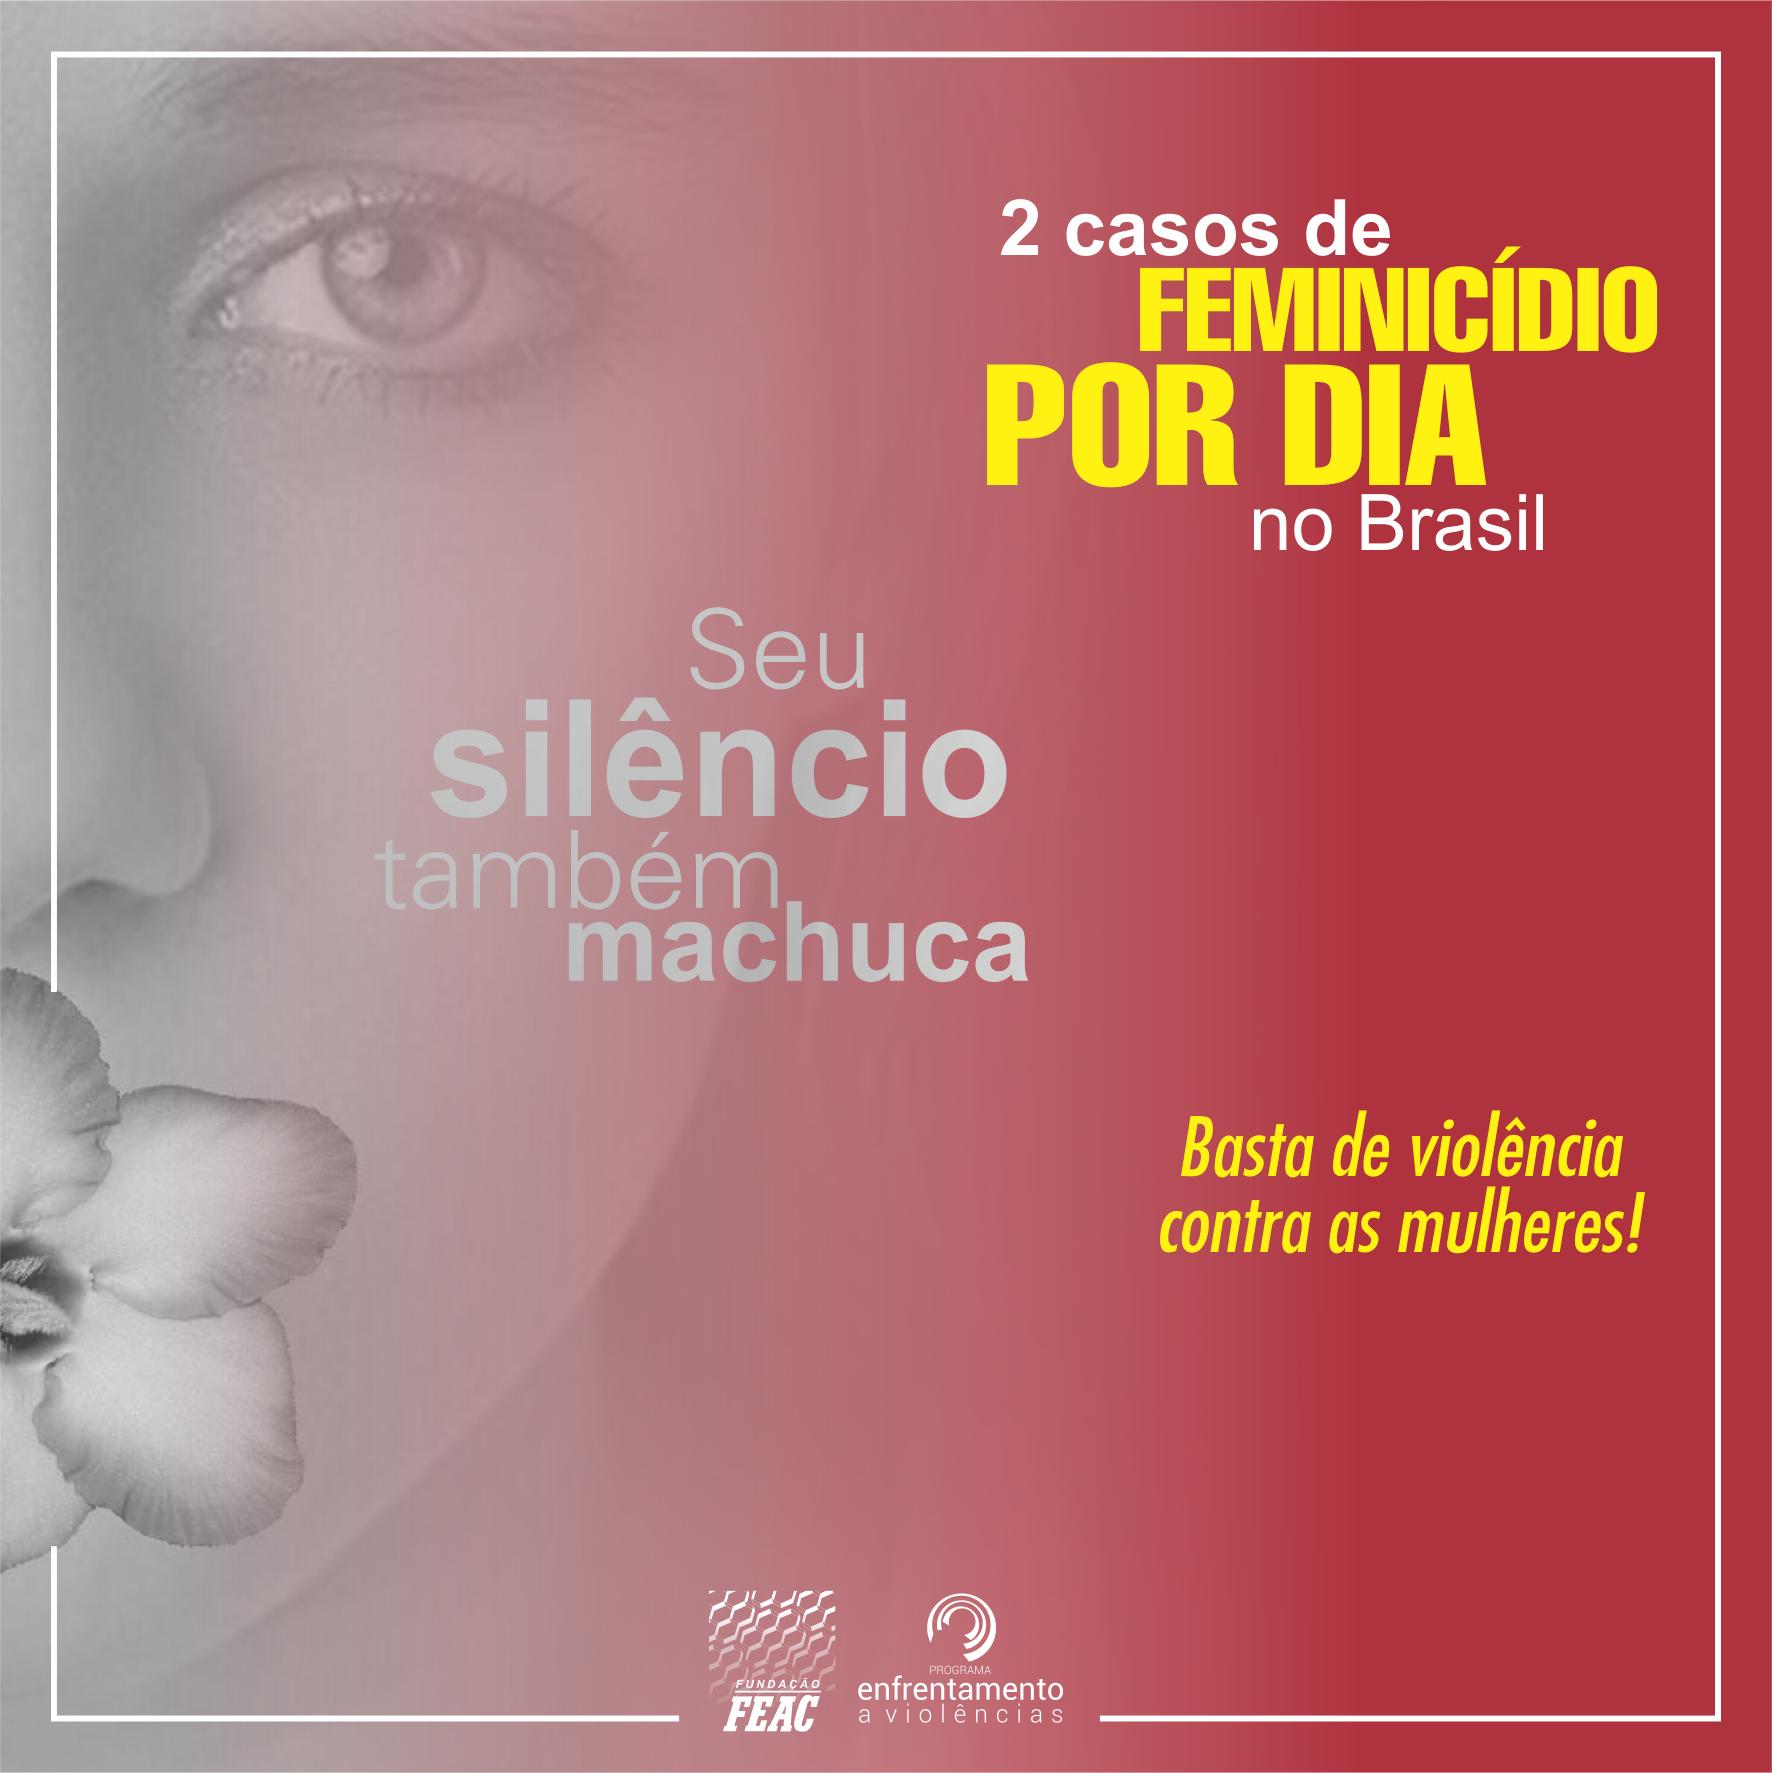 2 casos de feminicídio por dia no Brasil